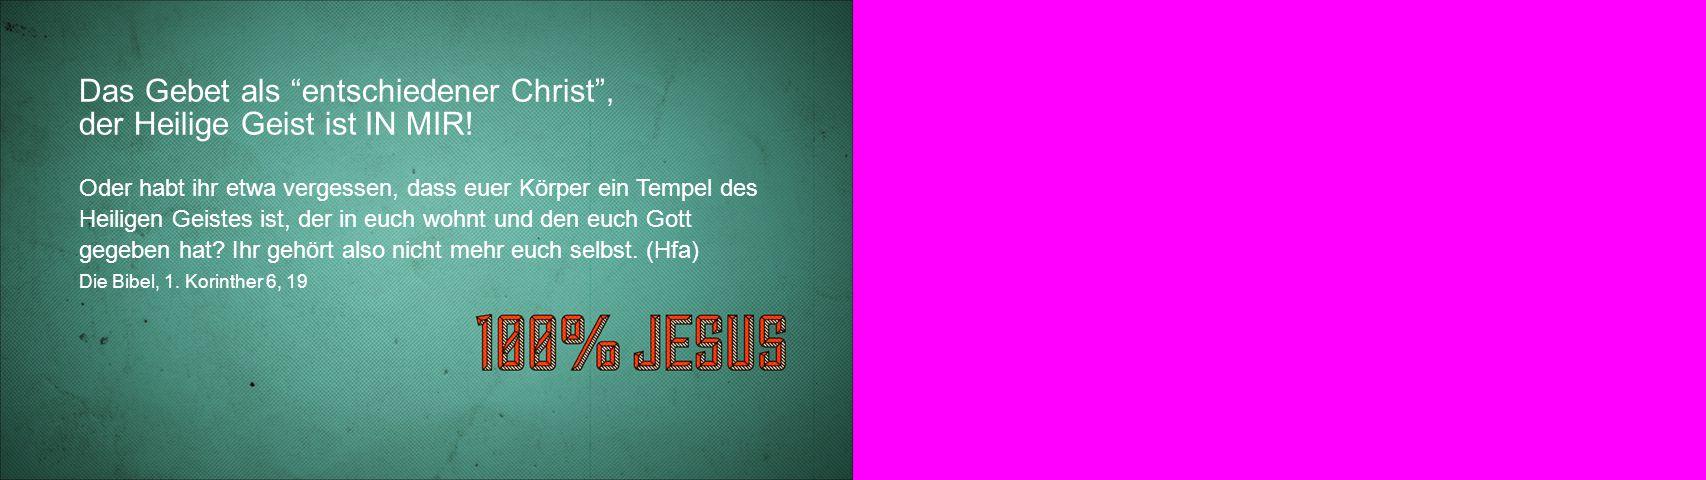 Er wird euch mit dem Heiligen Geist und mit Feuer taufen! Die Bibel, Matthäus 3, 11